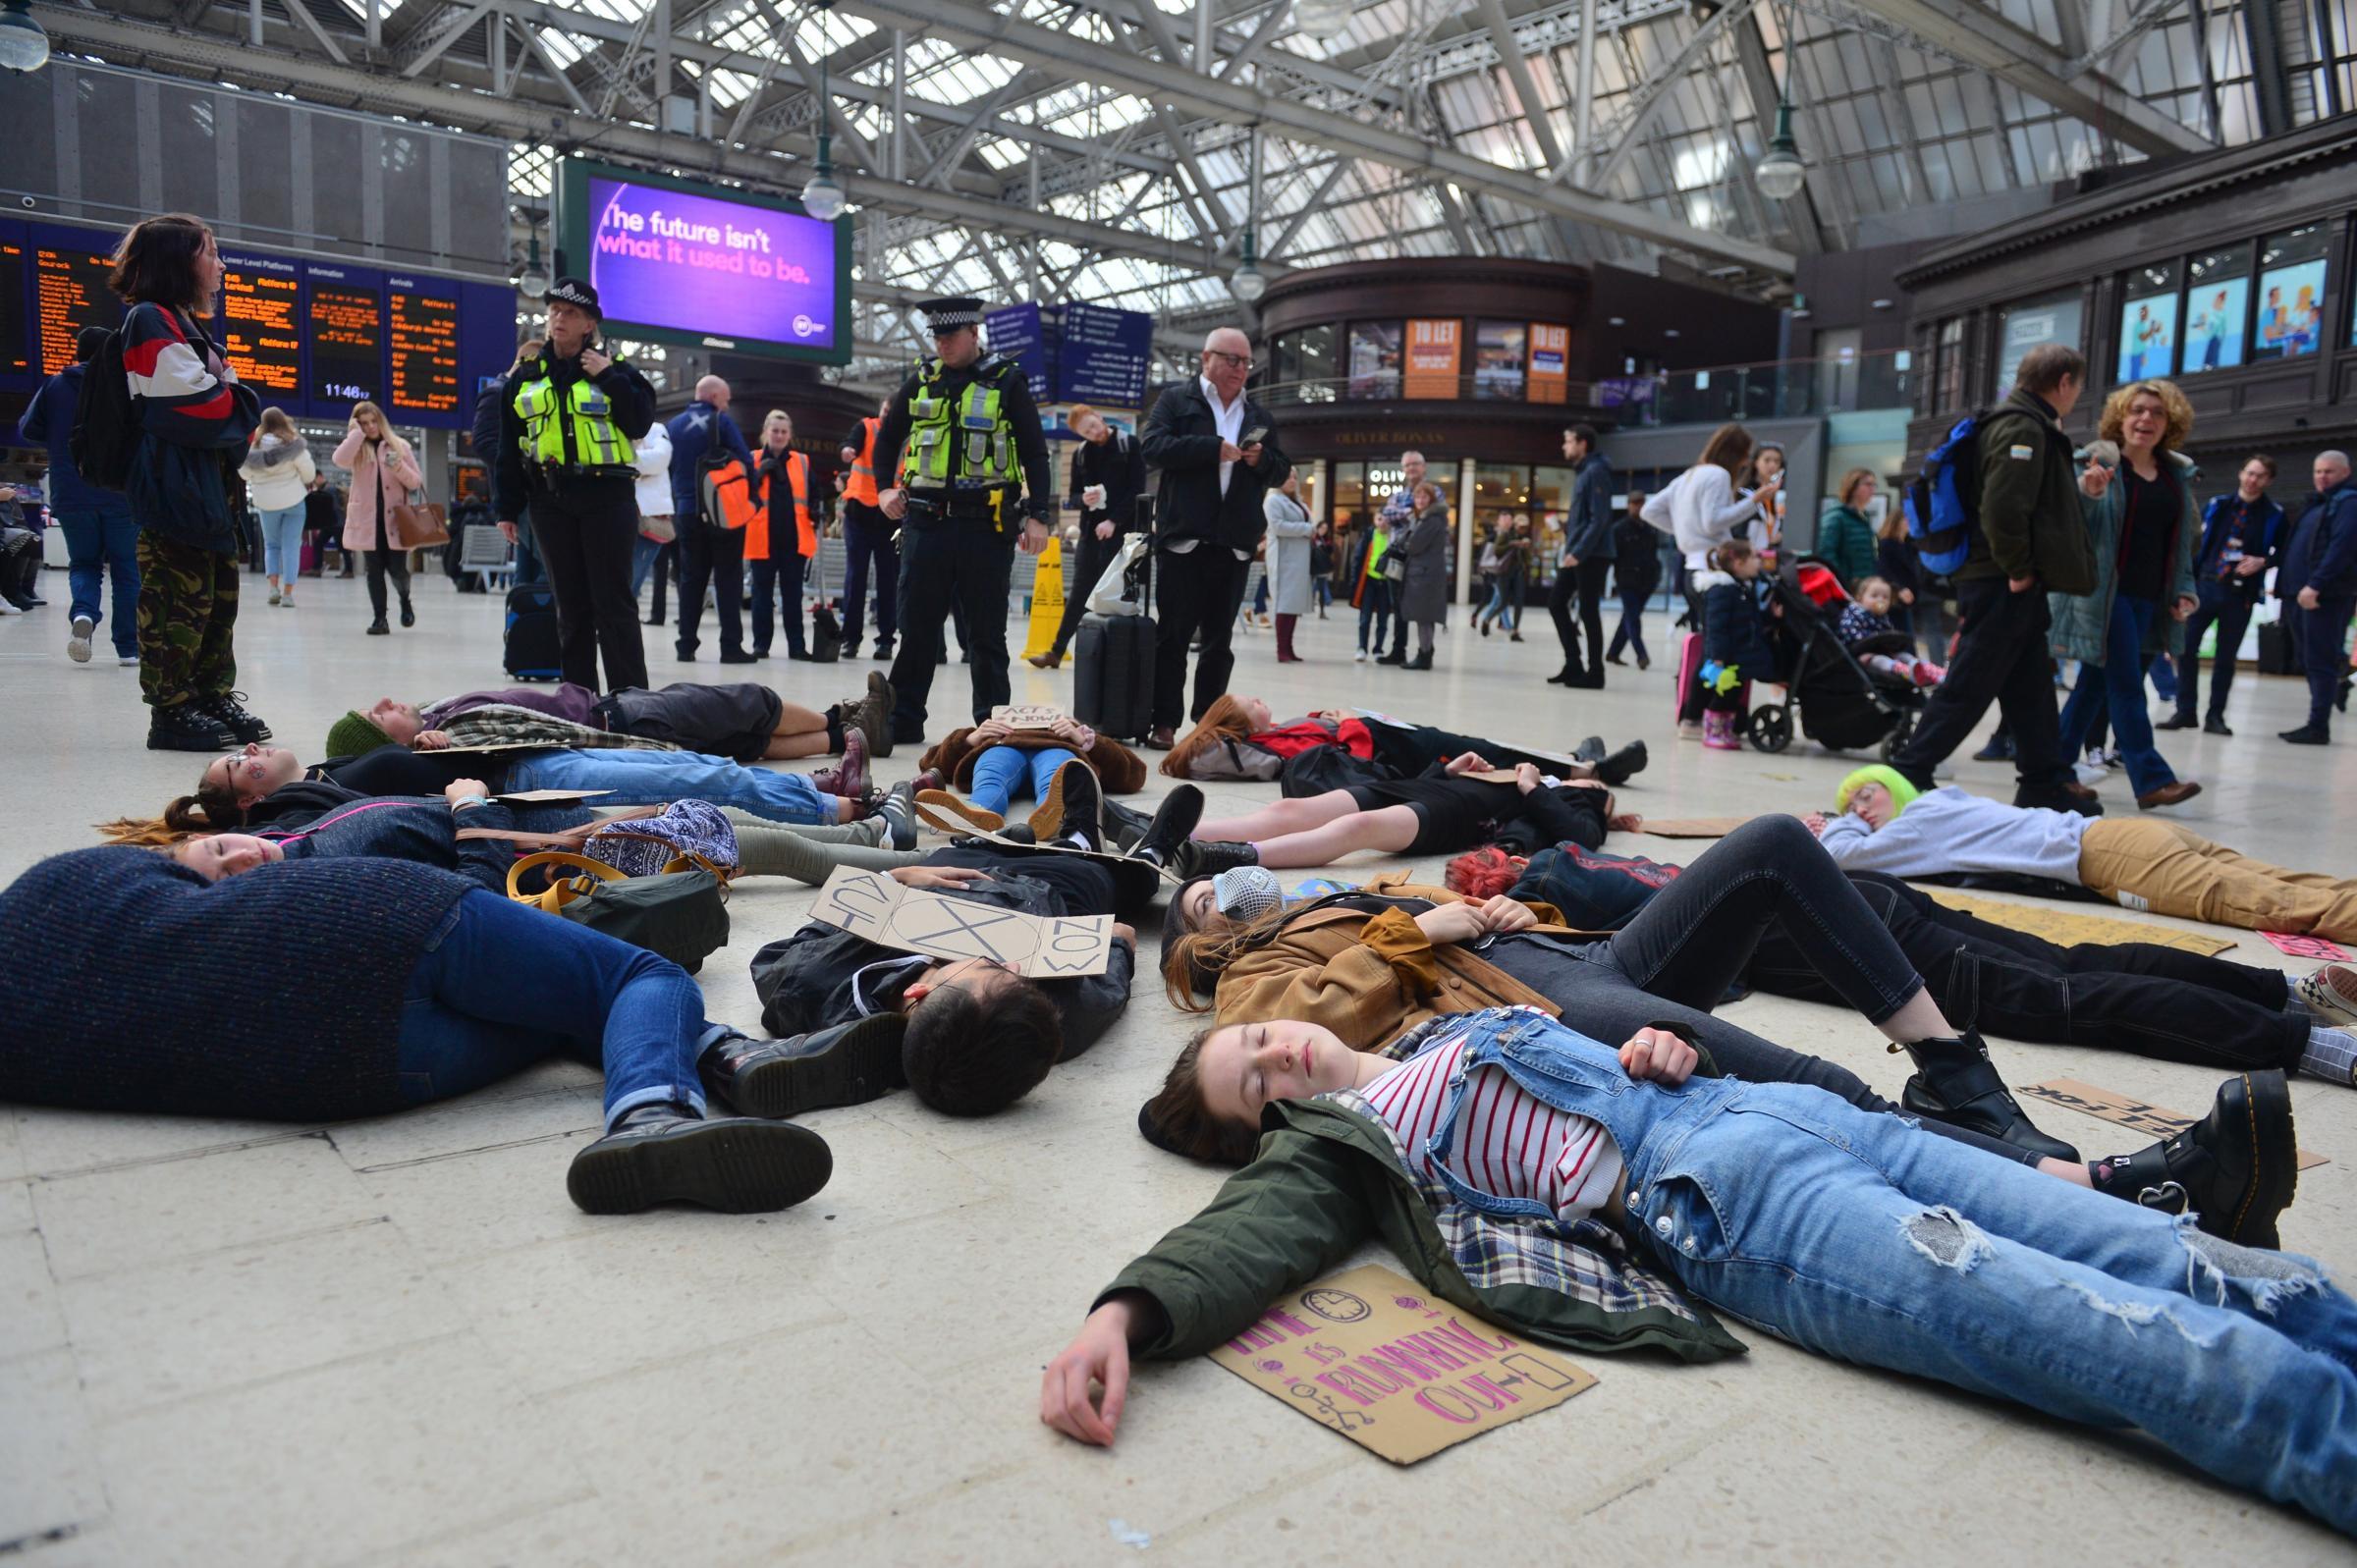 Extinction Rebllion stage 'die in' at Glasgow train station